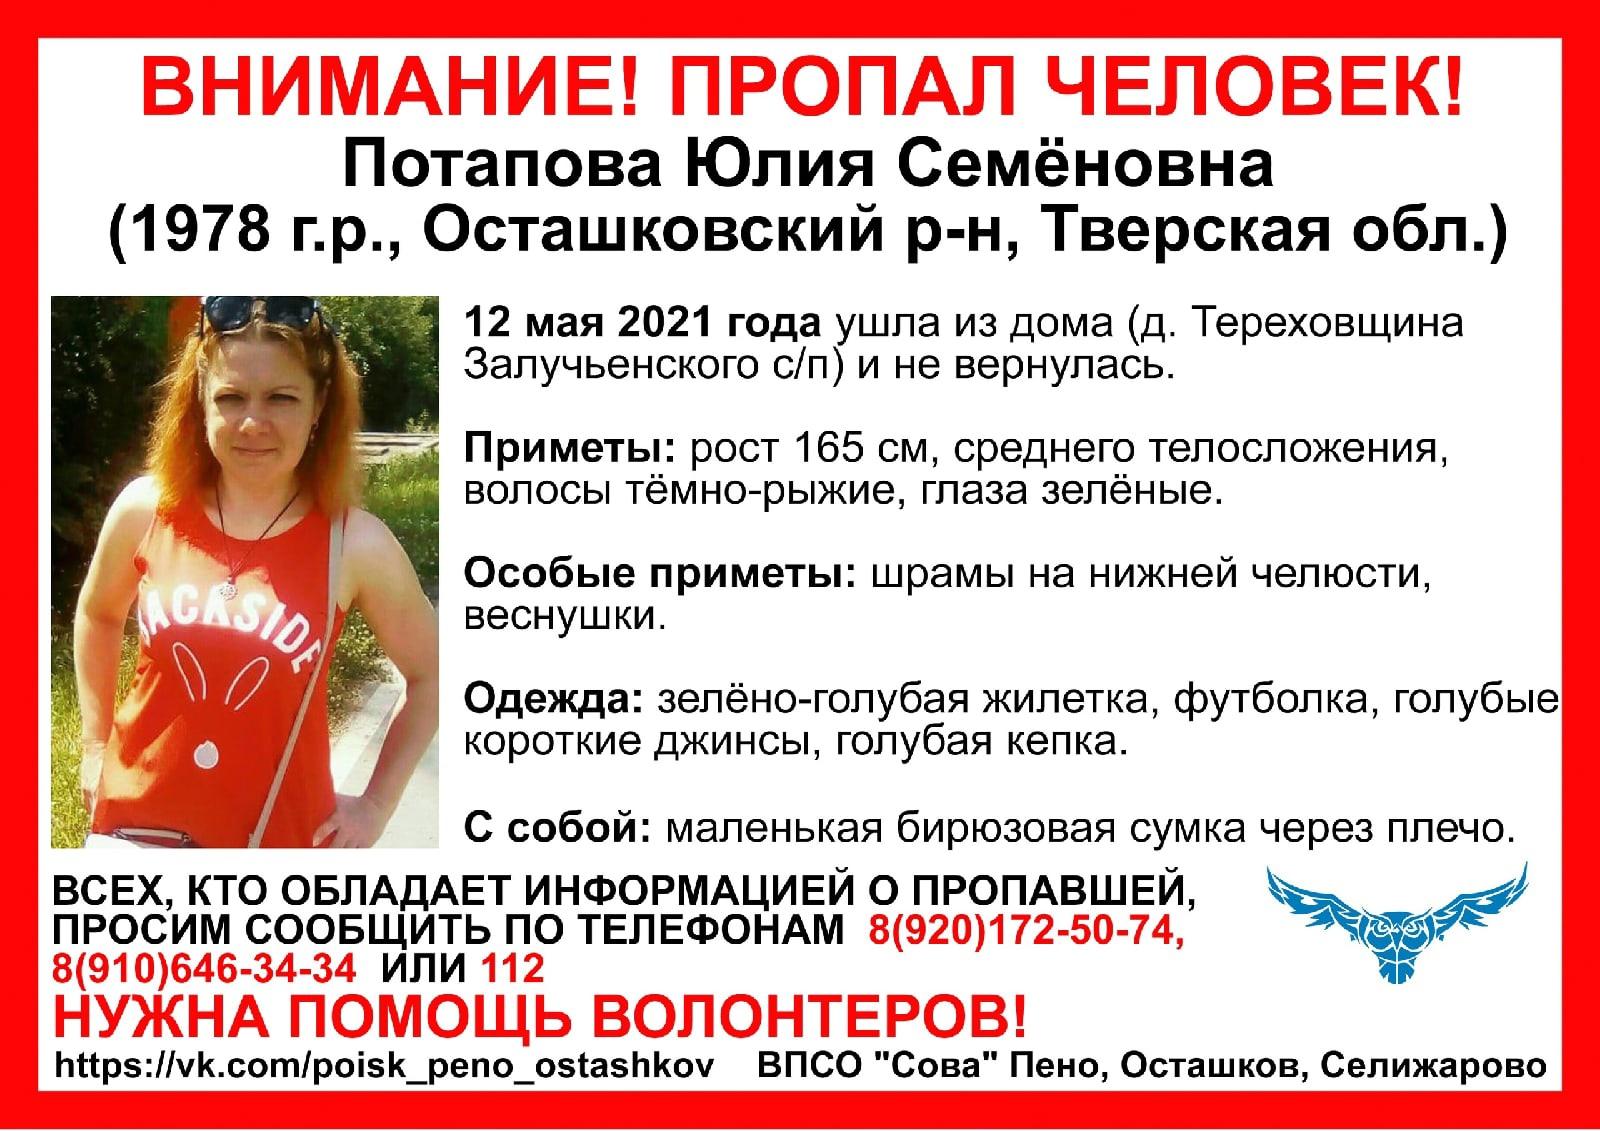 В Тверской области пропала женщина с веснушками и шрамами на челюсти